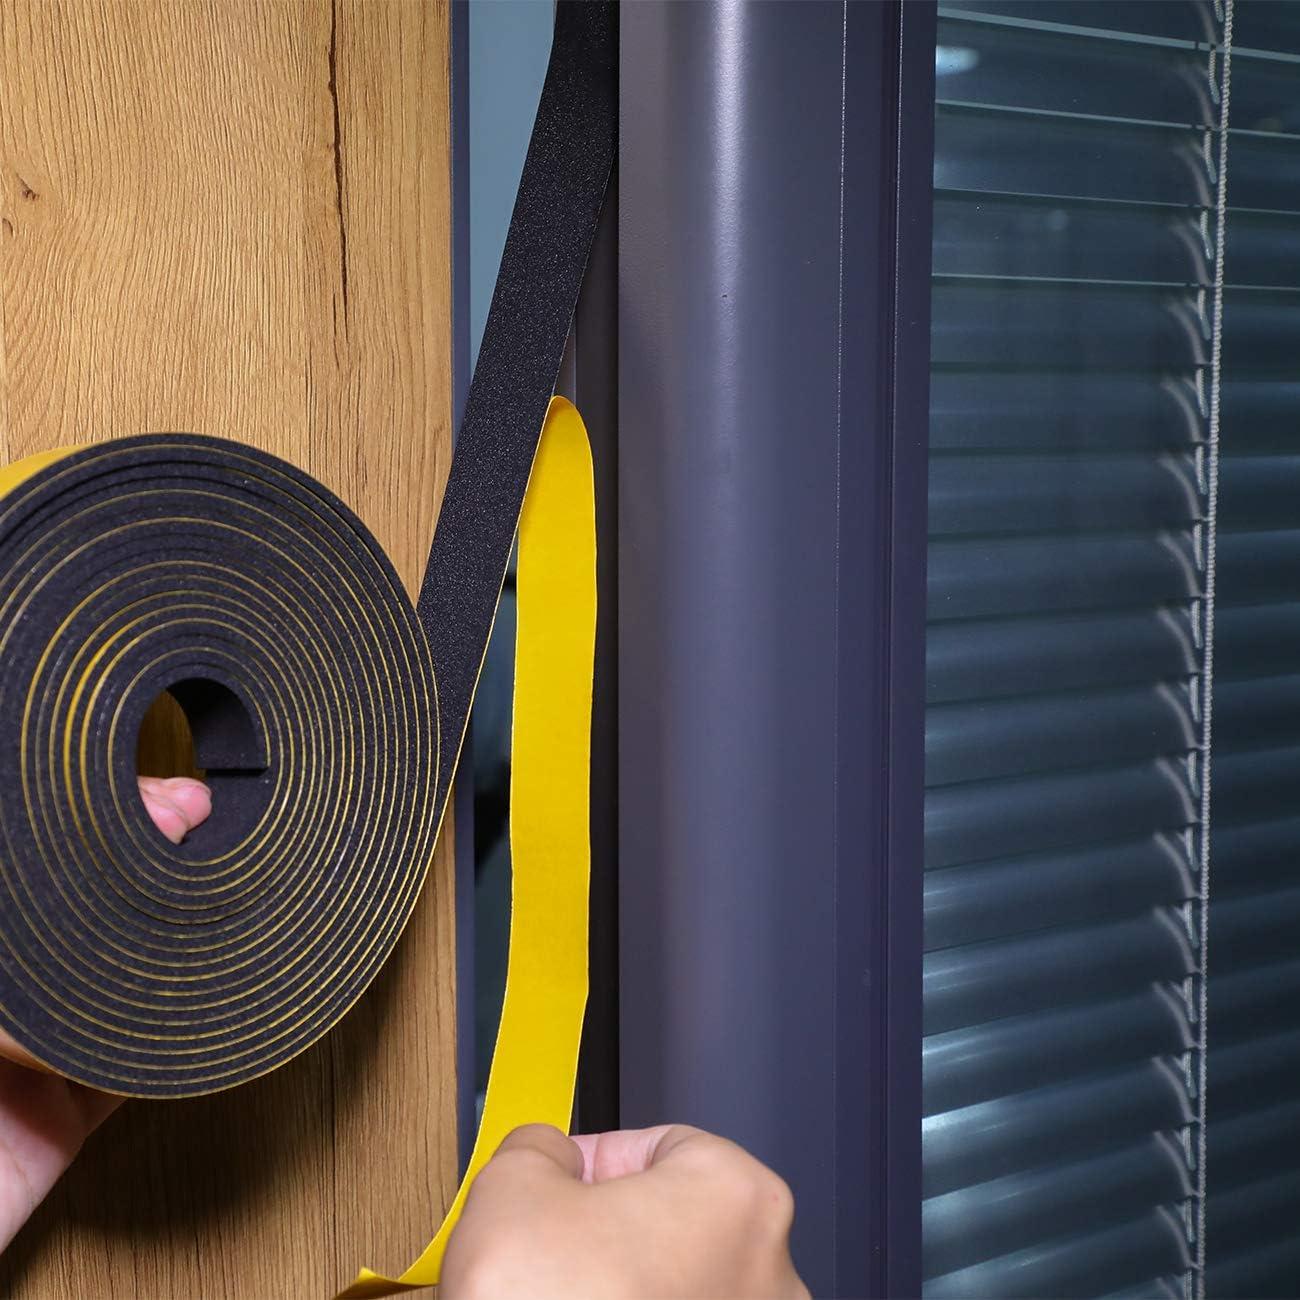 Fowong Strong - Cinta adhesiva de doble cara (espuma, para absorción de fábricas, amortiguación y aislamiento acústico, caja resistente a los golpes), color negro: Amazon.es: Bricolaje y herramientas